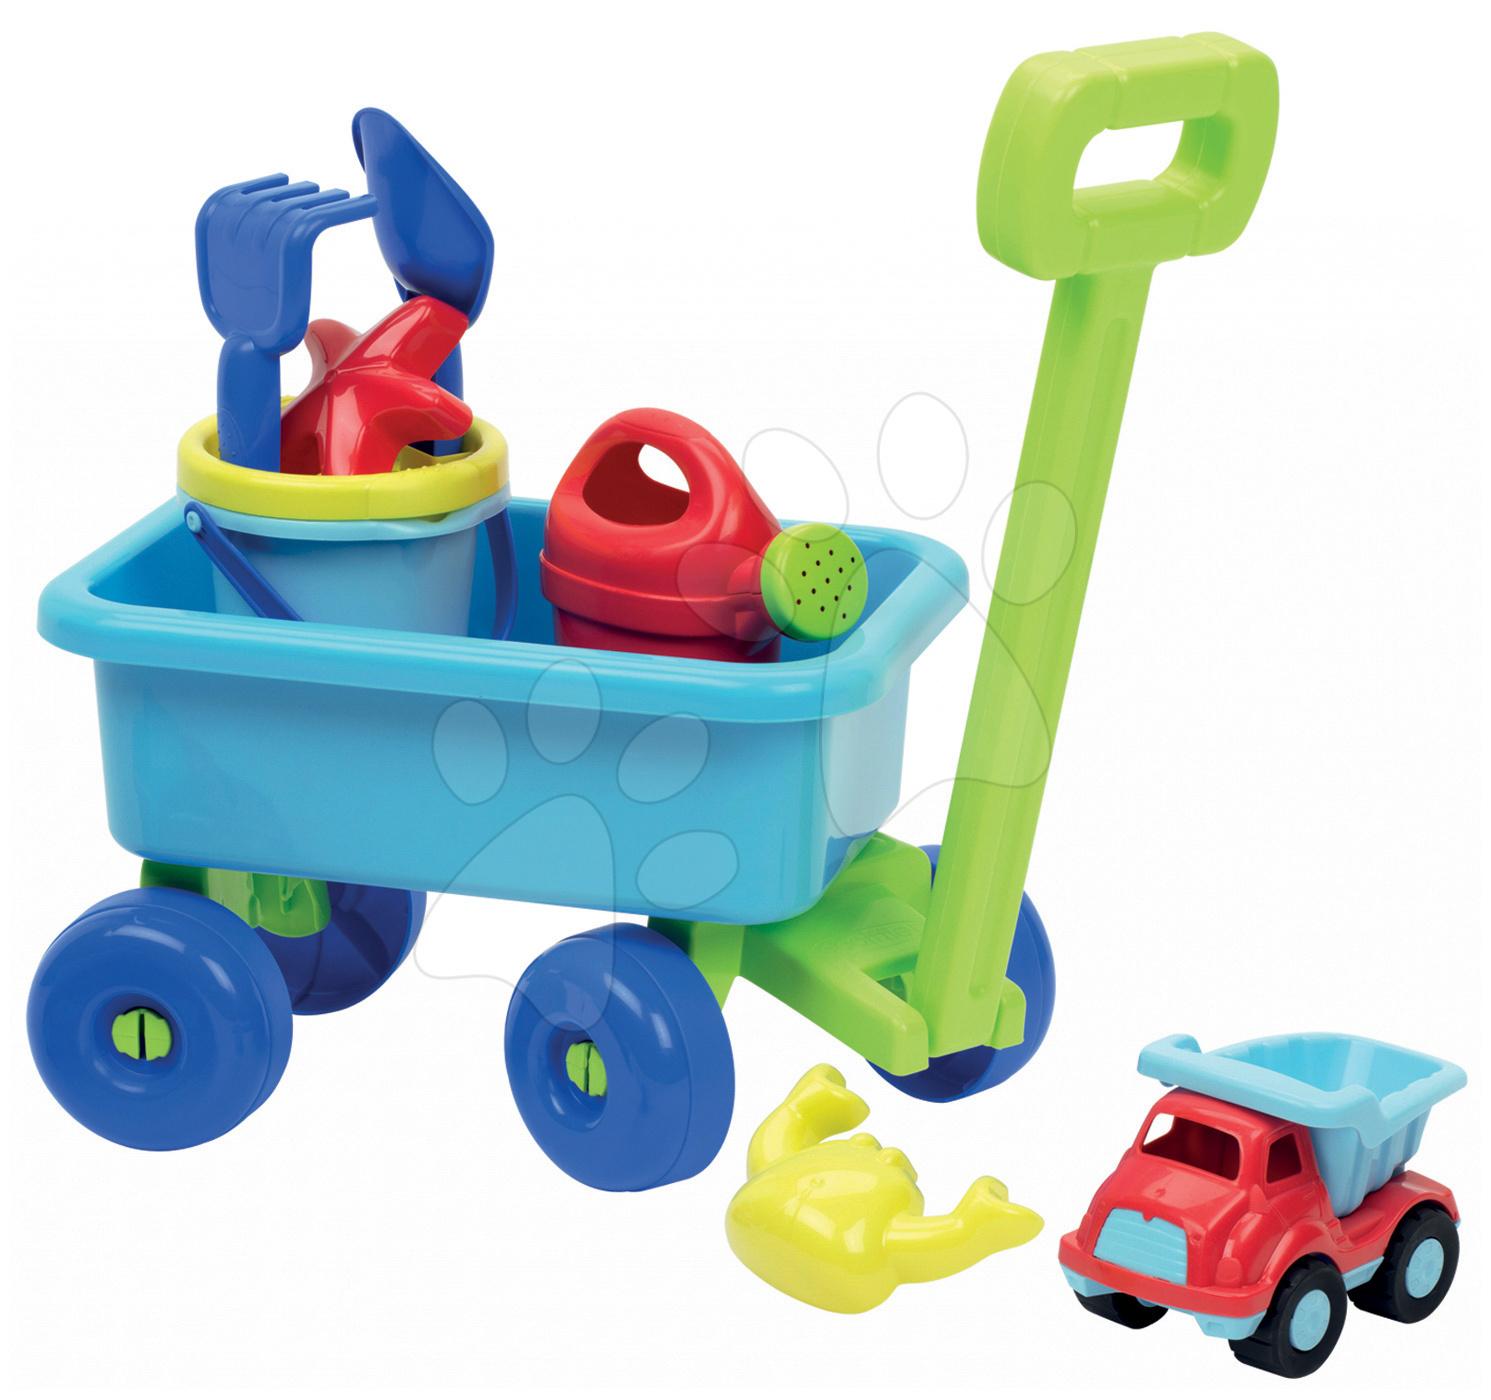 Vozík na tahání Écoiffier s kbelík setem a konvičkou od 18 měsíců